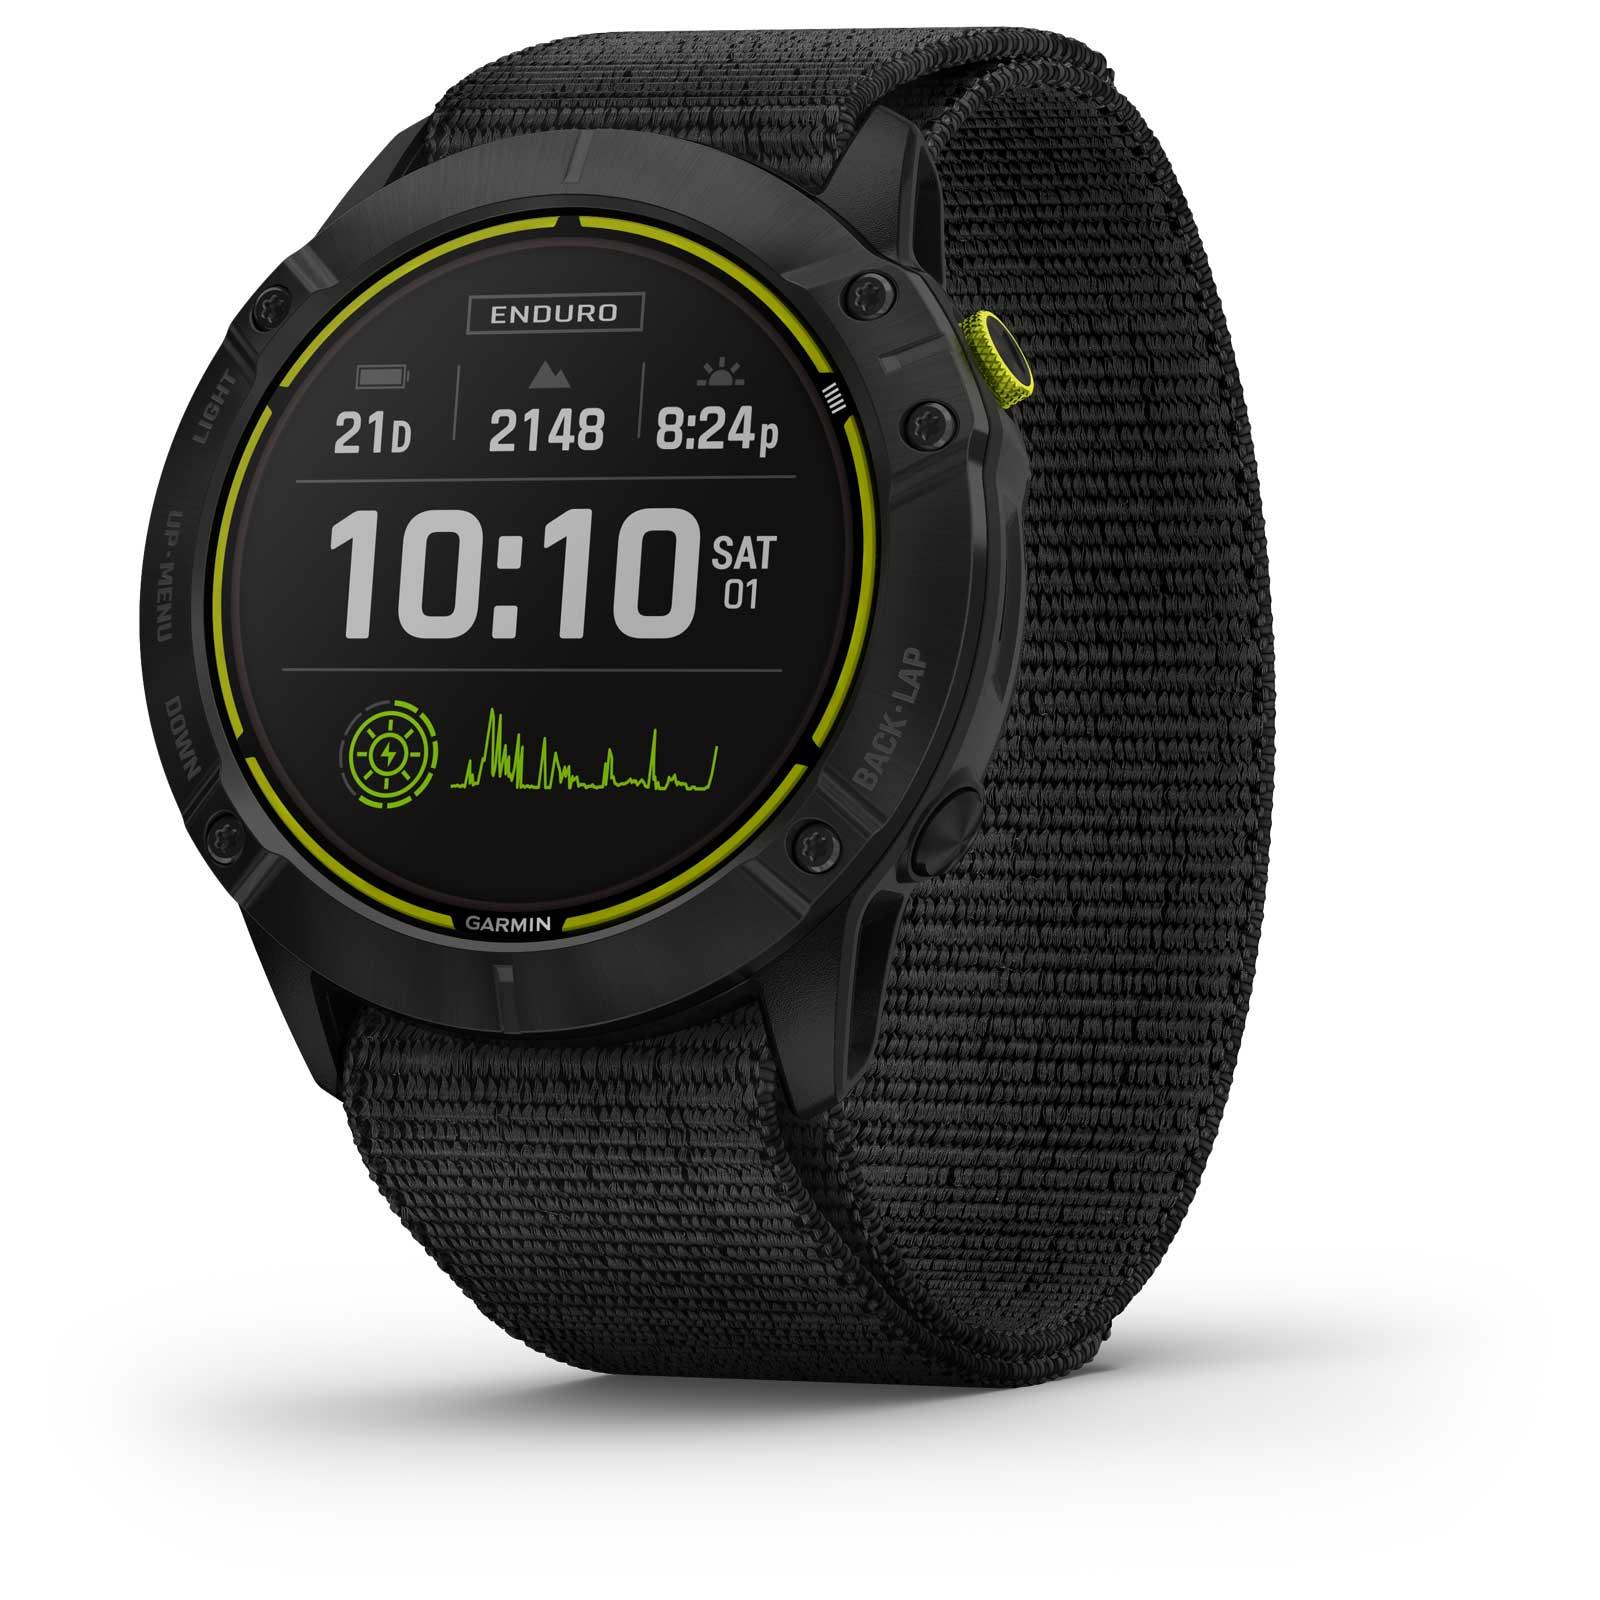 Garmin Enduro Reloj Deportivo GPS - negro/gris pizarra titanio